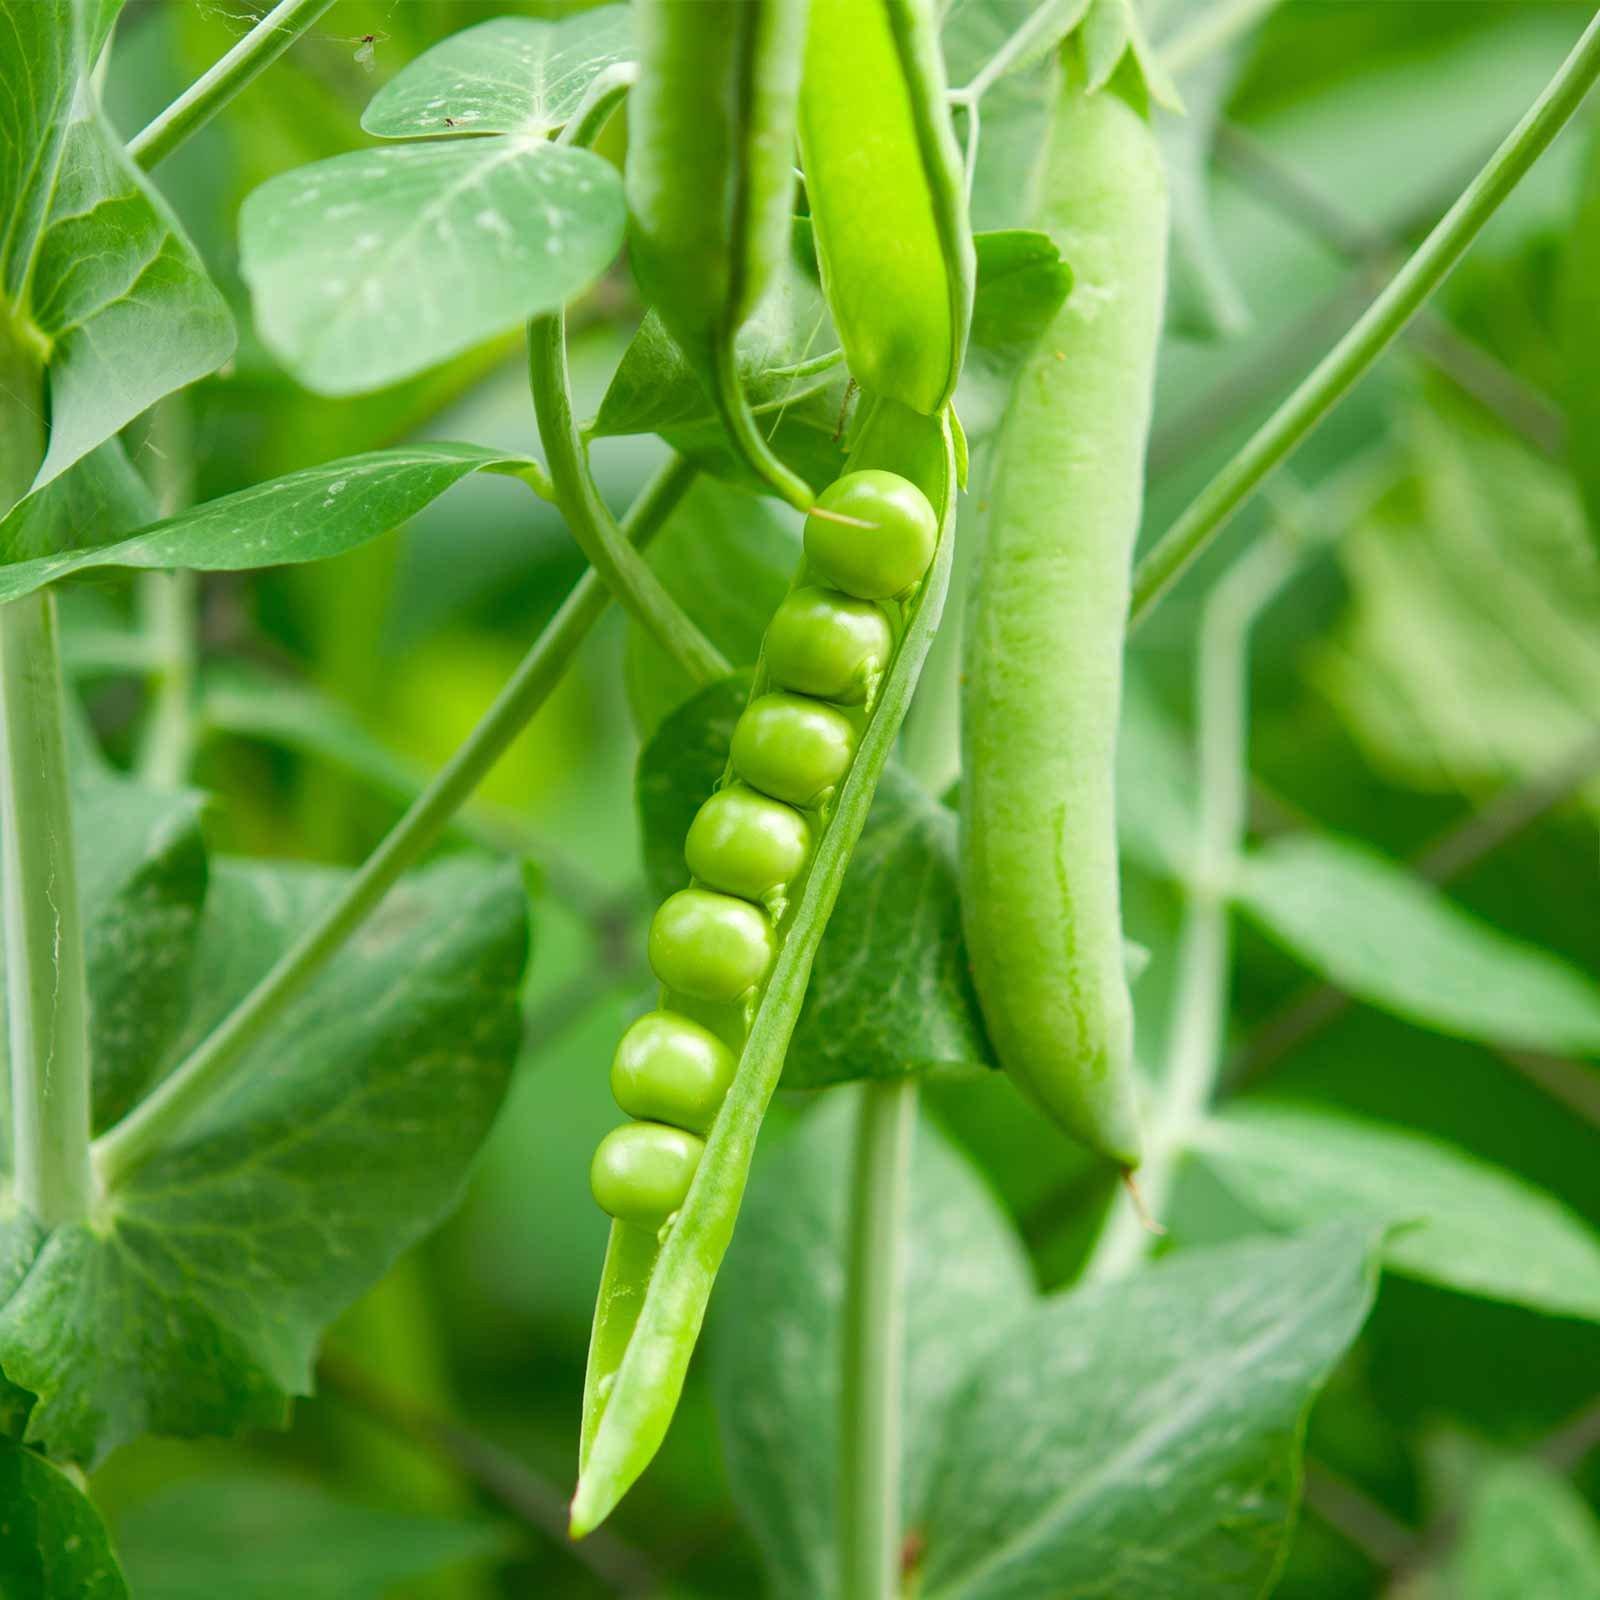 Lincoln Pea Garden Seeds - 50 Lb Bulk - Non-GMO, Heirloom Vegetable Gardening & Microgreens Pea Shoots Seeds